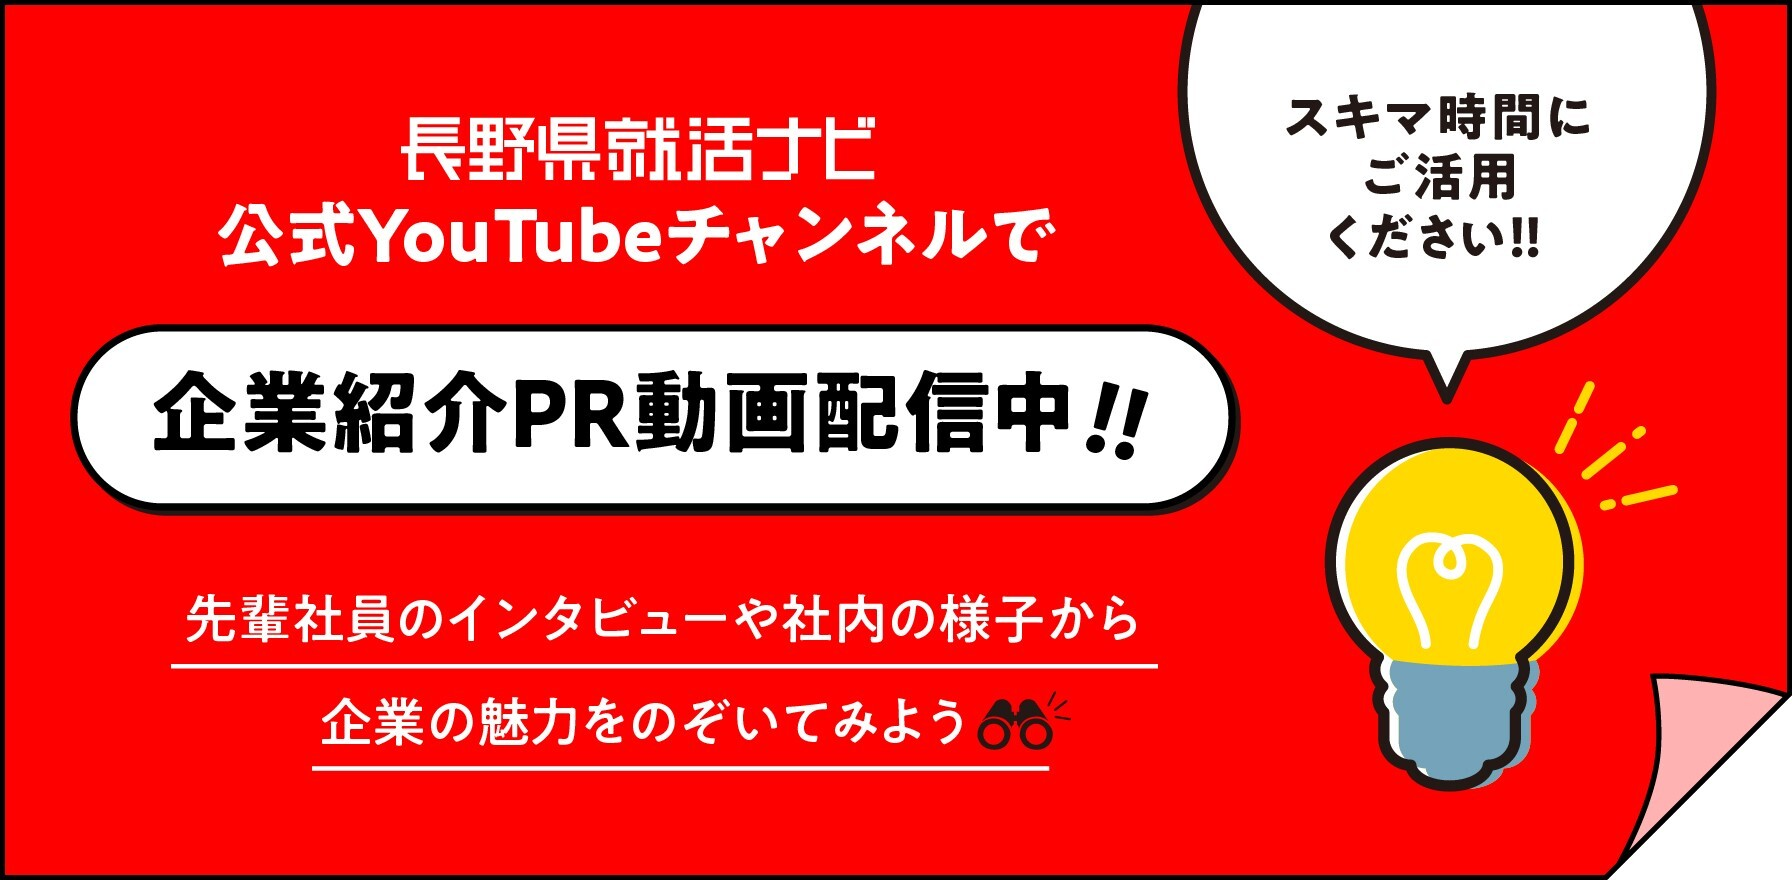 長野県就活ナビ 公式YouTubeチャンネルで 企業紹介PR動画配信中!!